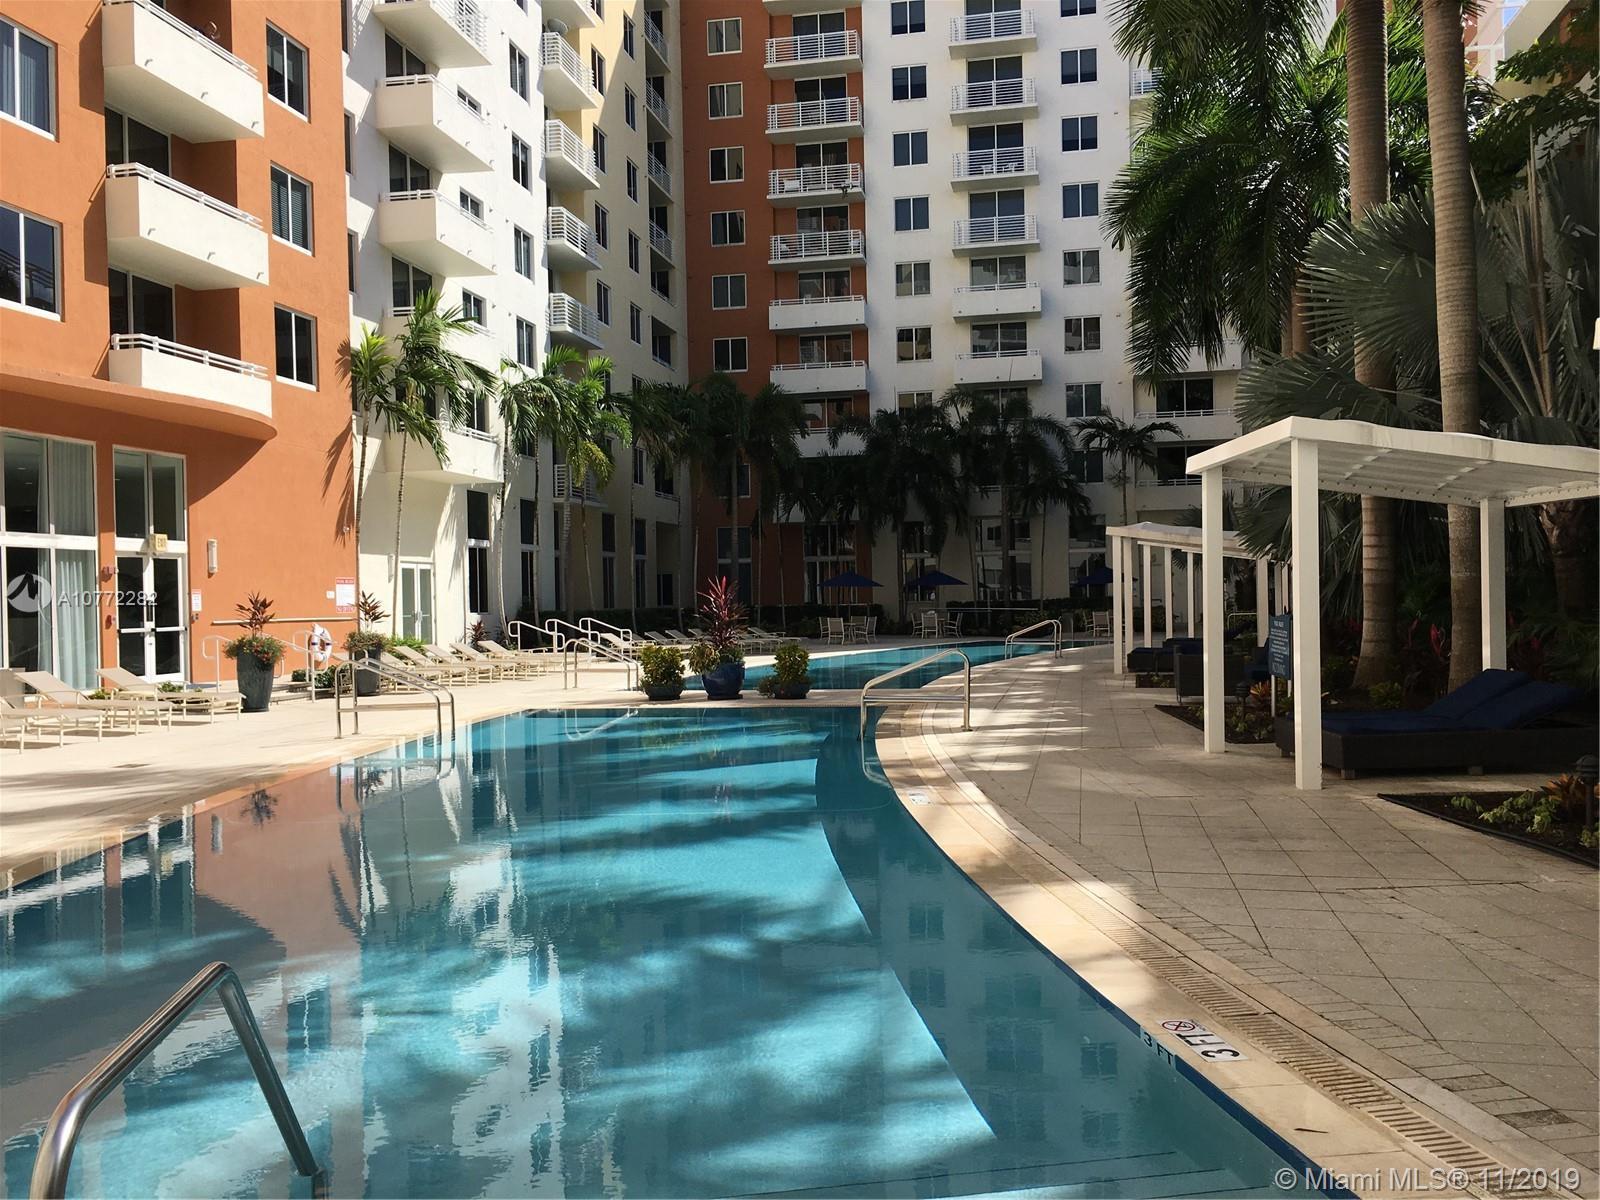 2775 NE 187th St #519, Aventura, FL 33180 - Aventura, FL real estate listing